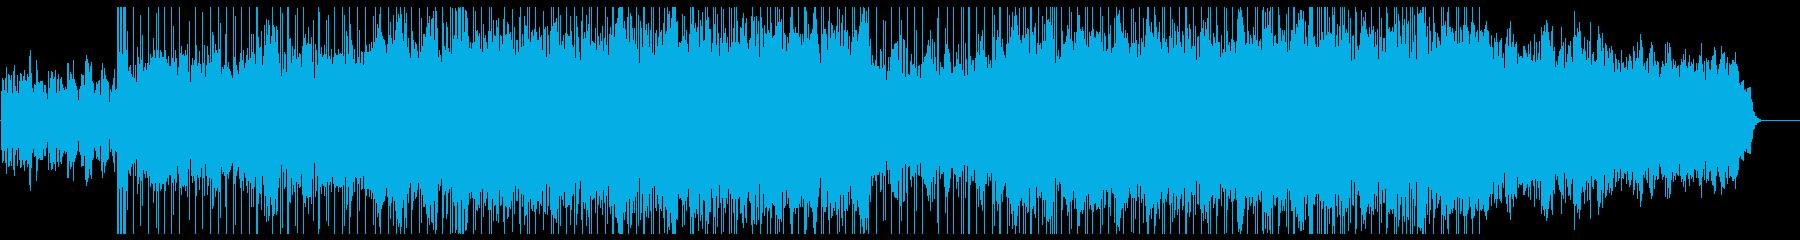 爽やかで軽快なシンセ主体のポップスの再生済みの波形